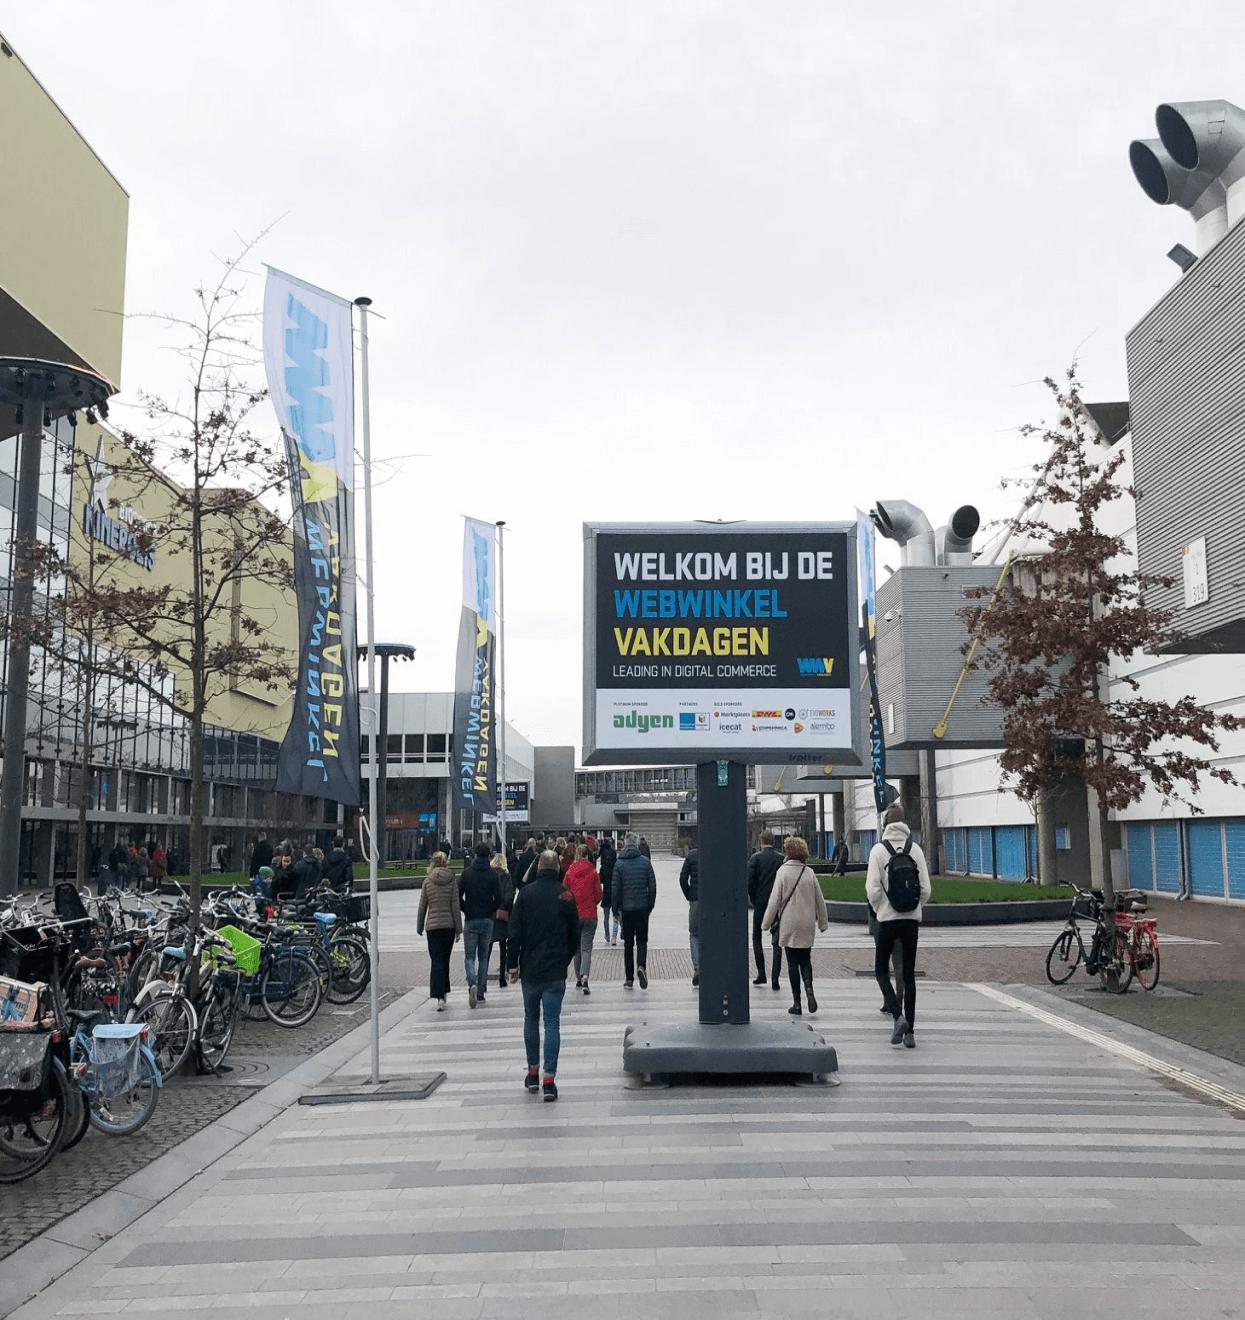 SSA Group attended Webwinkel Vakdagen 2020